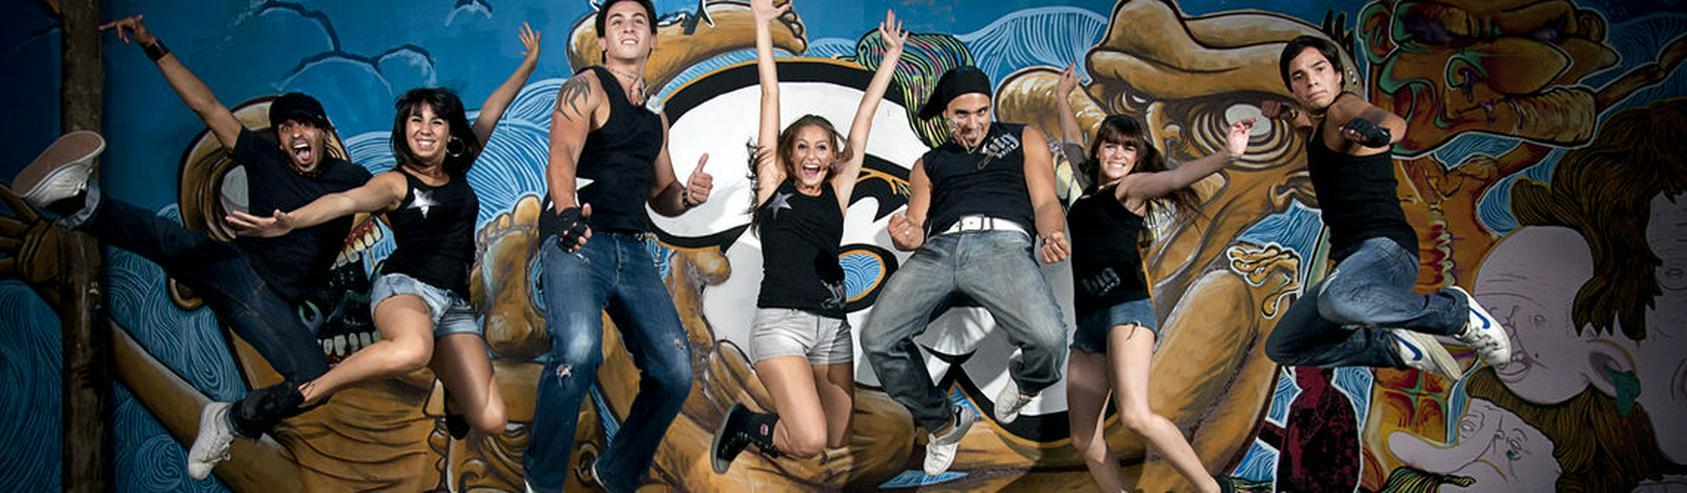 Streetdance und Hip Hop für Kids & Teens Probestunde